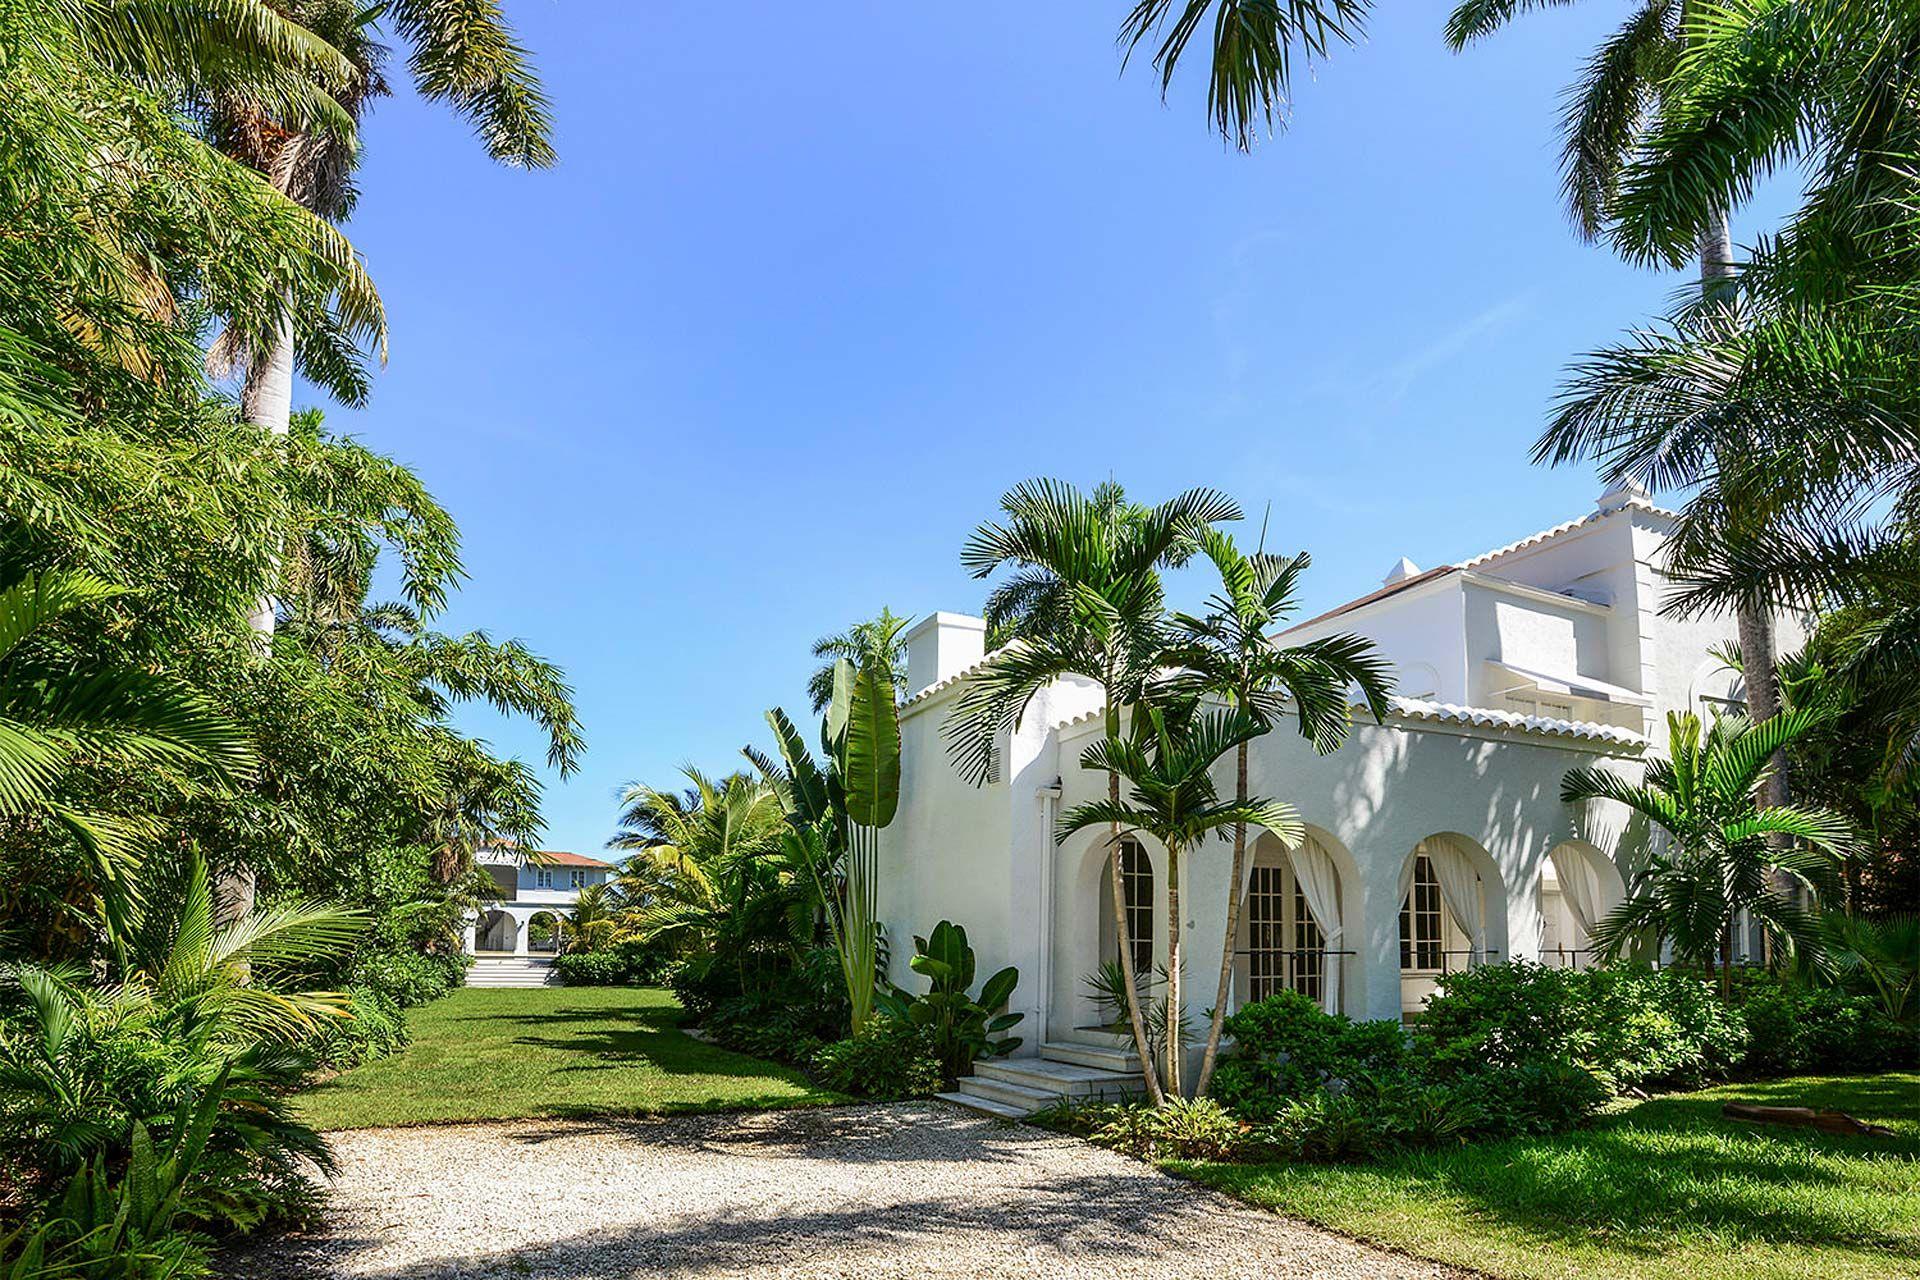 Al Capone's Miami Mansion Casa ideal y Casas